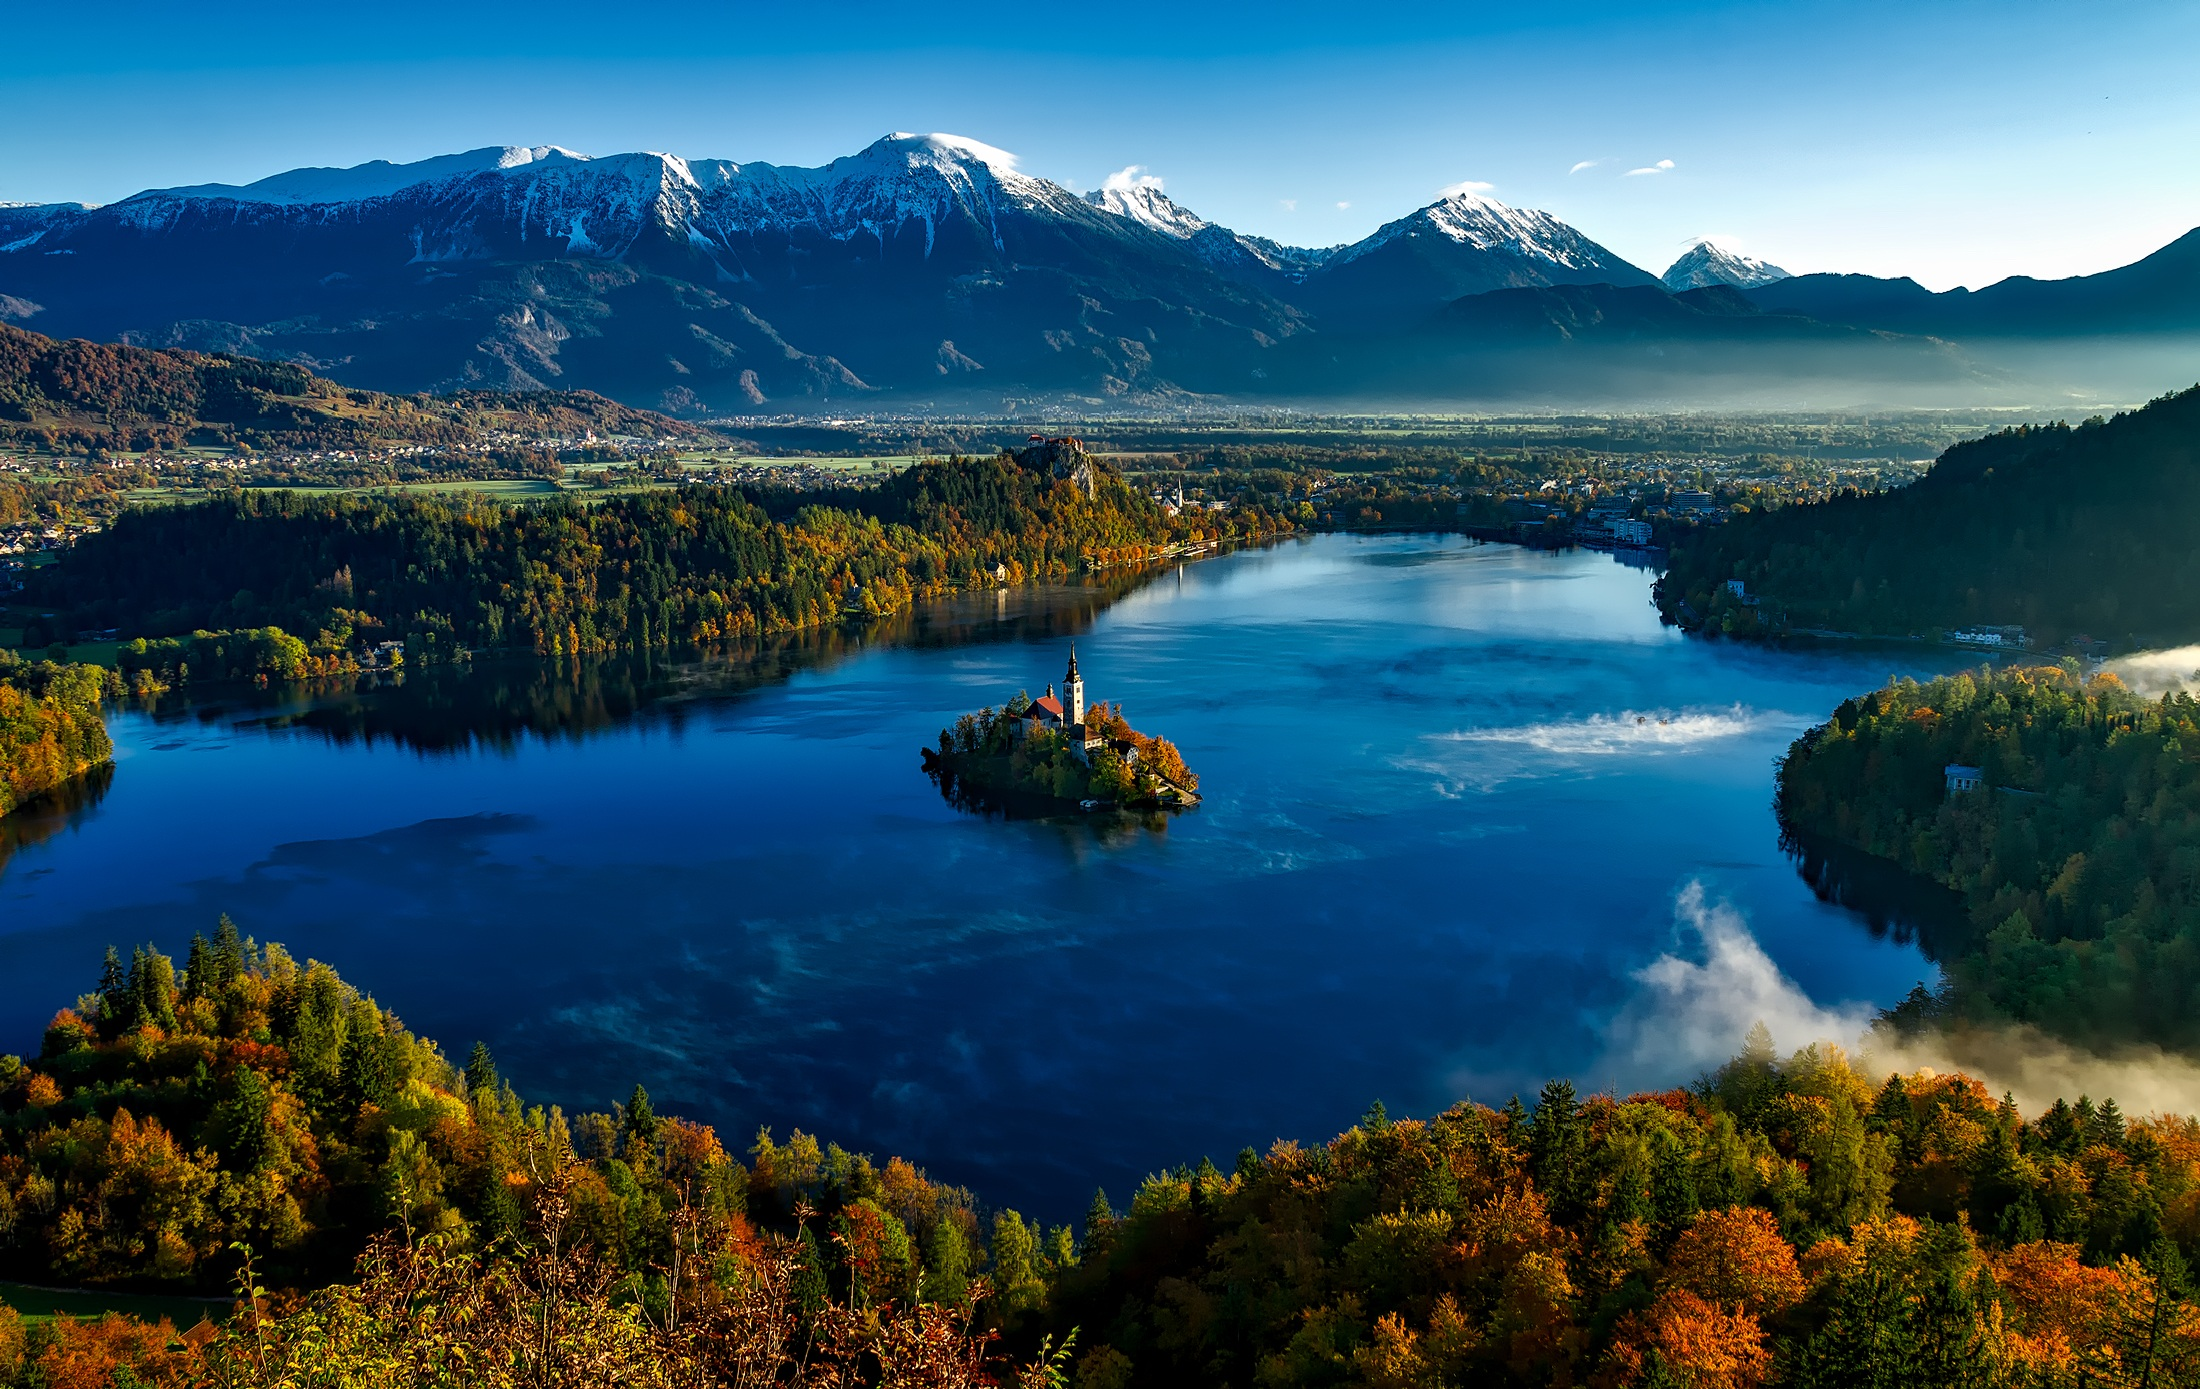 lago di bled - slovenia - camminate fotografiche